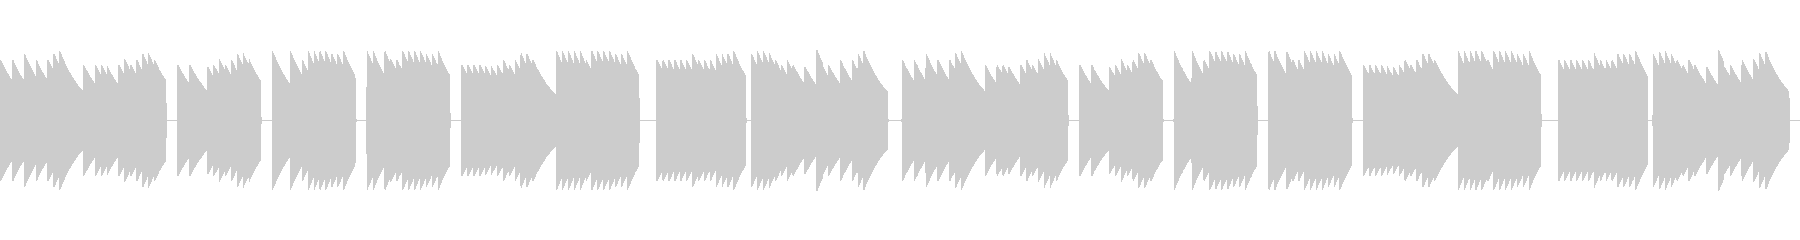 歩行者用信号機の音_とおりゃんせ_03の未再生の波形